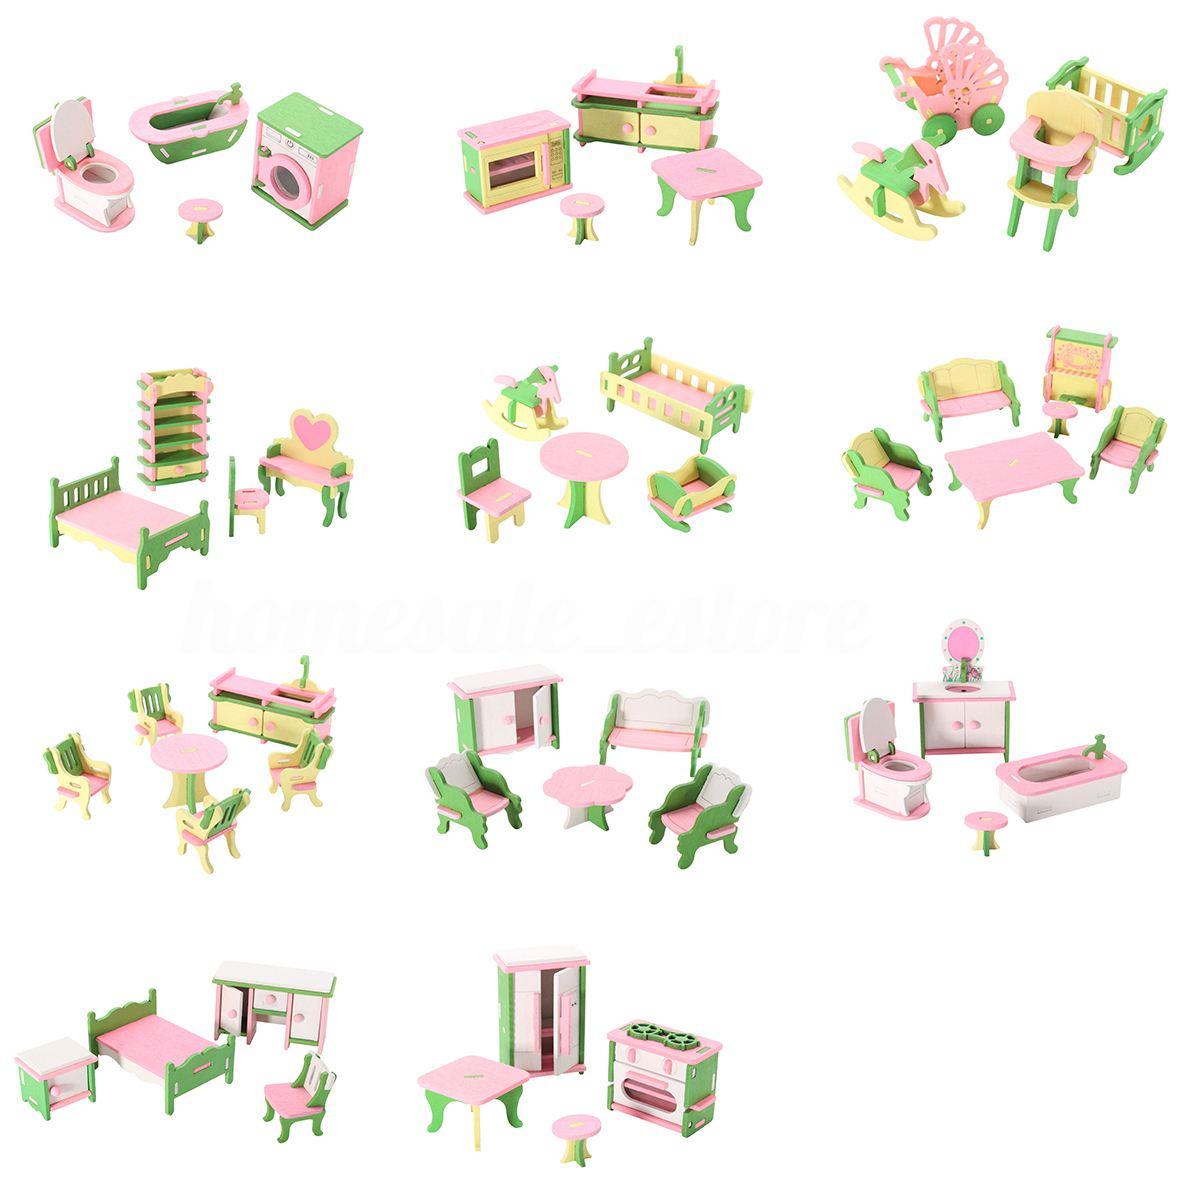 MAGICYOYO 49 pièces 11 Ensembles Bébé meubles en bois Poupées Maison Miniature Enfant Jouer Jouets Cadeaux